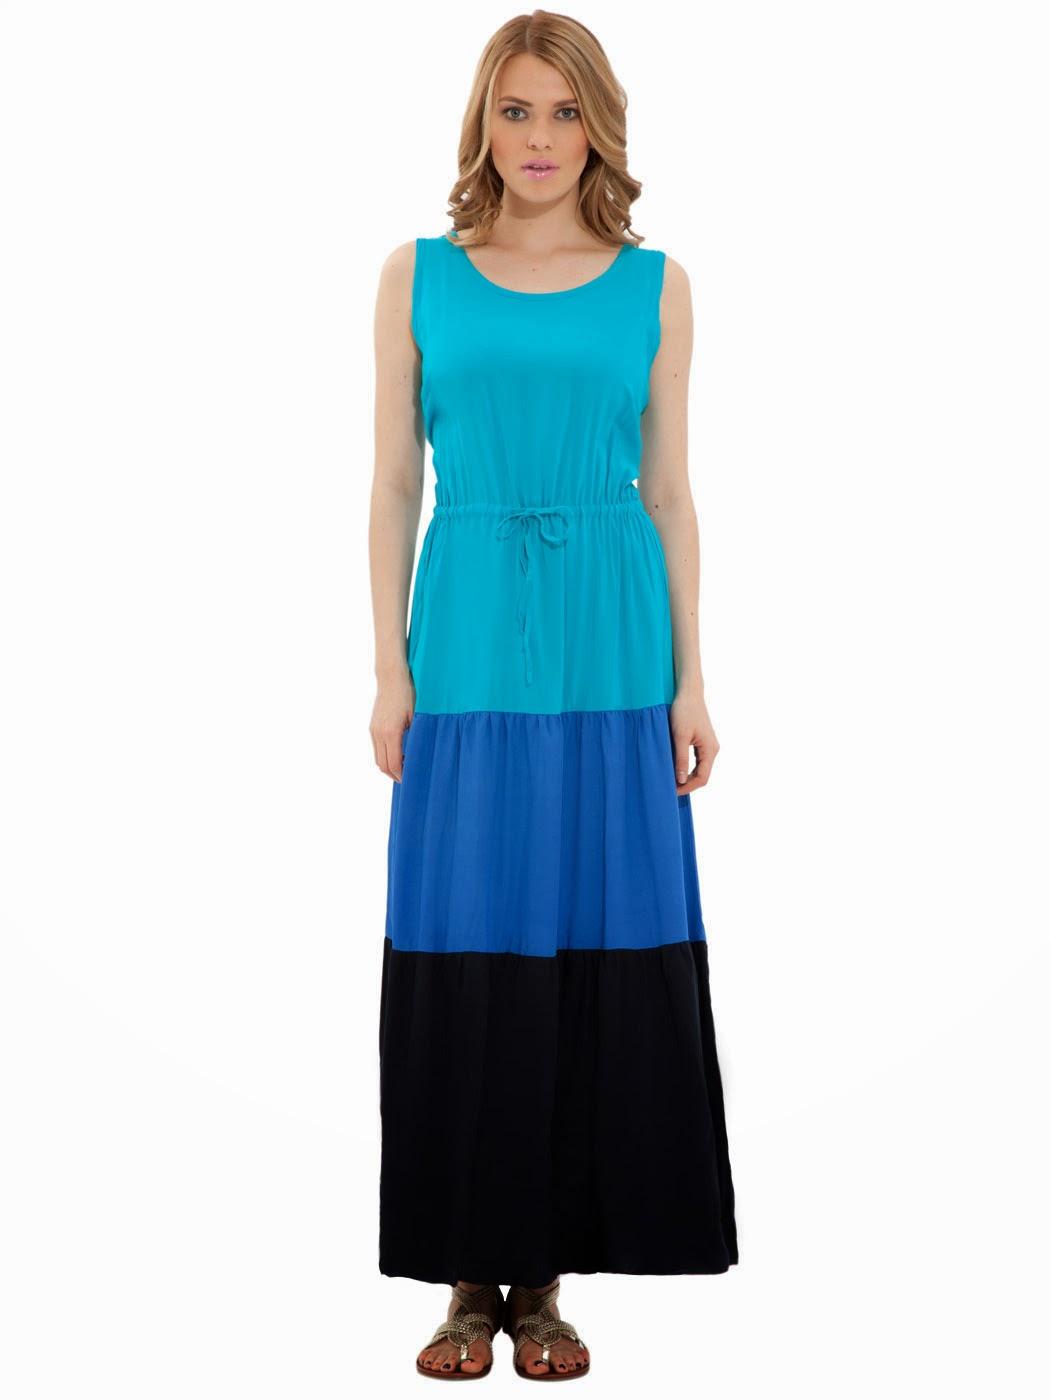 mavi siyah uzun elbise, günlük elbise, 2014 elbise modeli